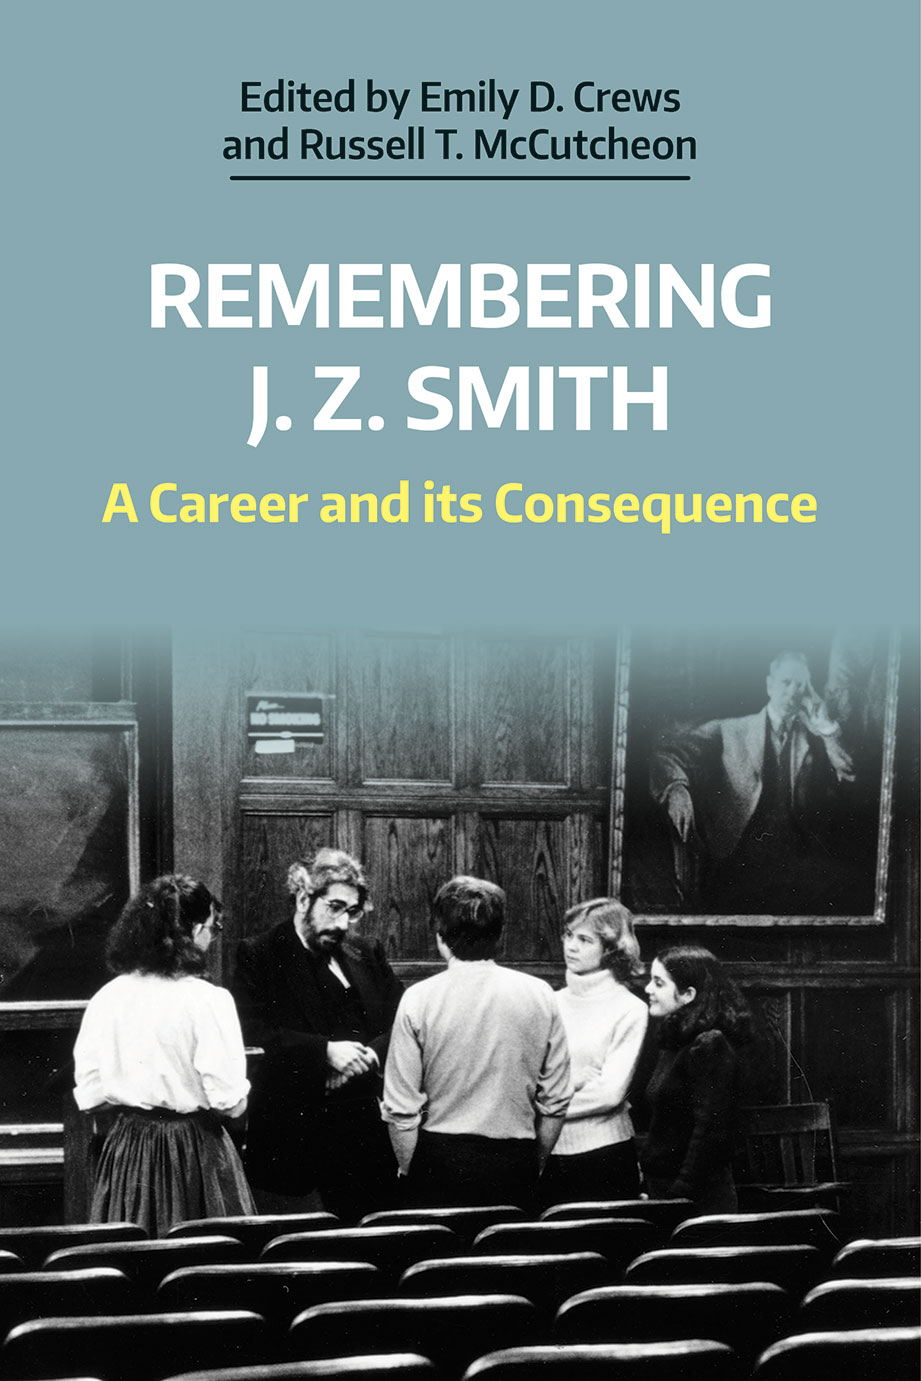 Remembering J. Z. Smith